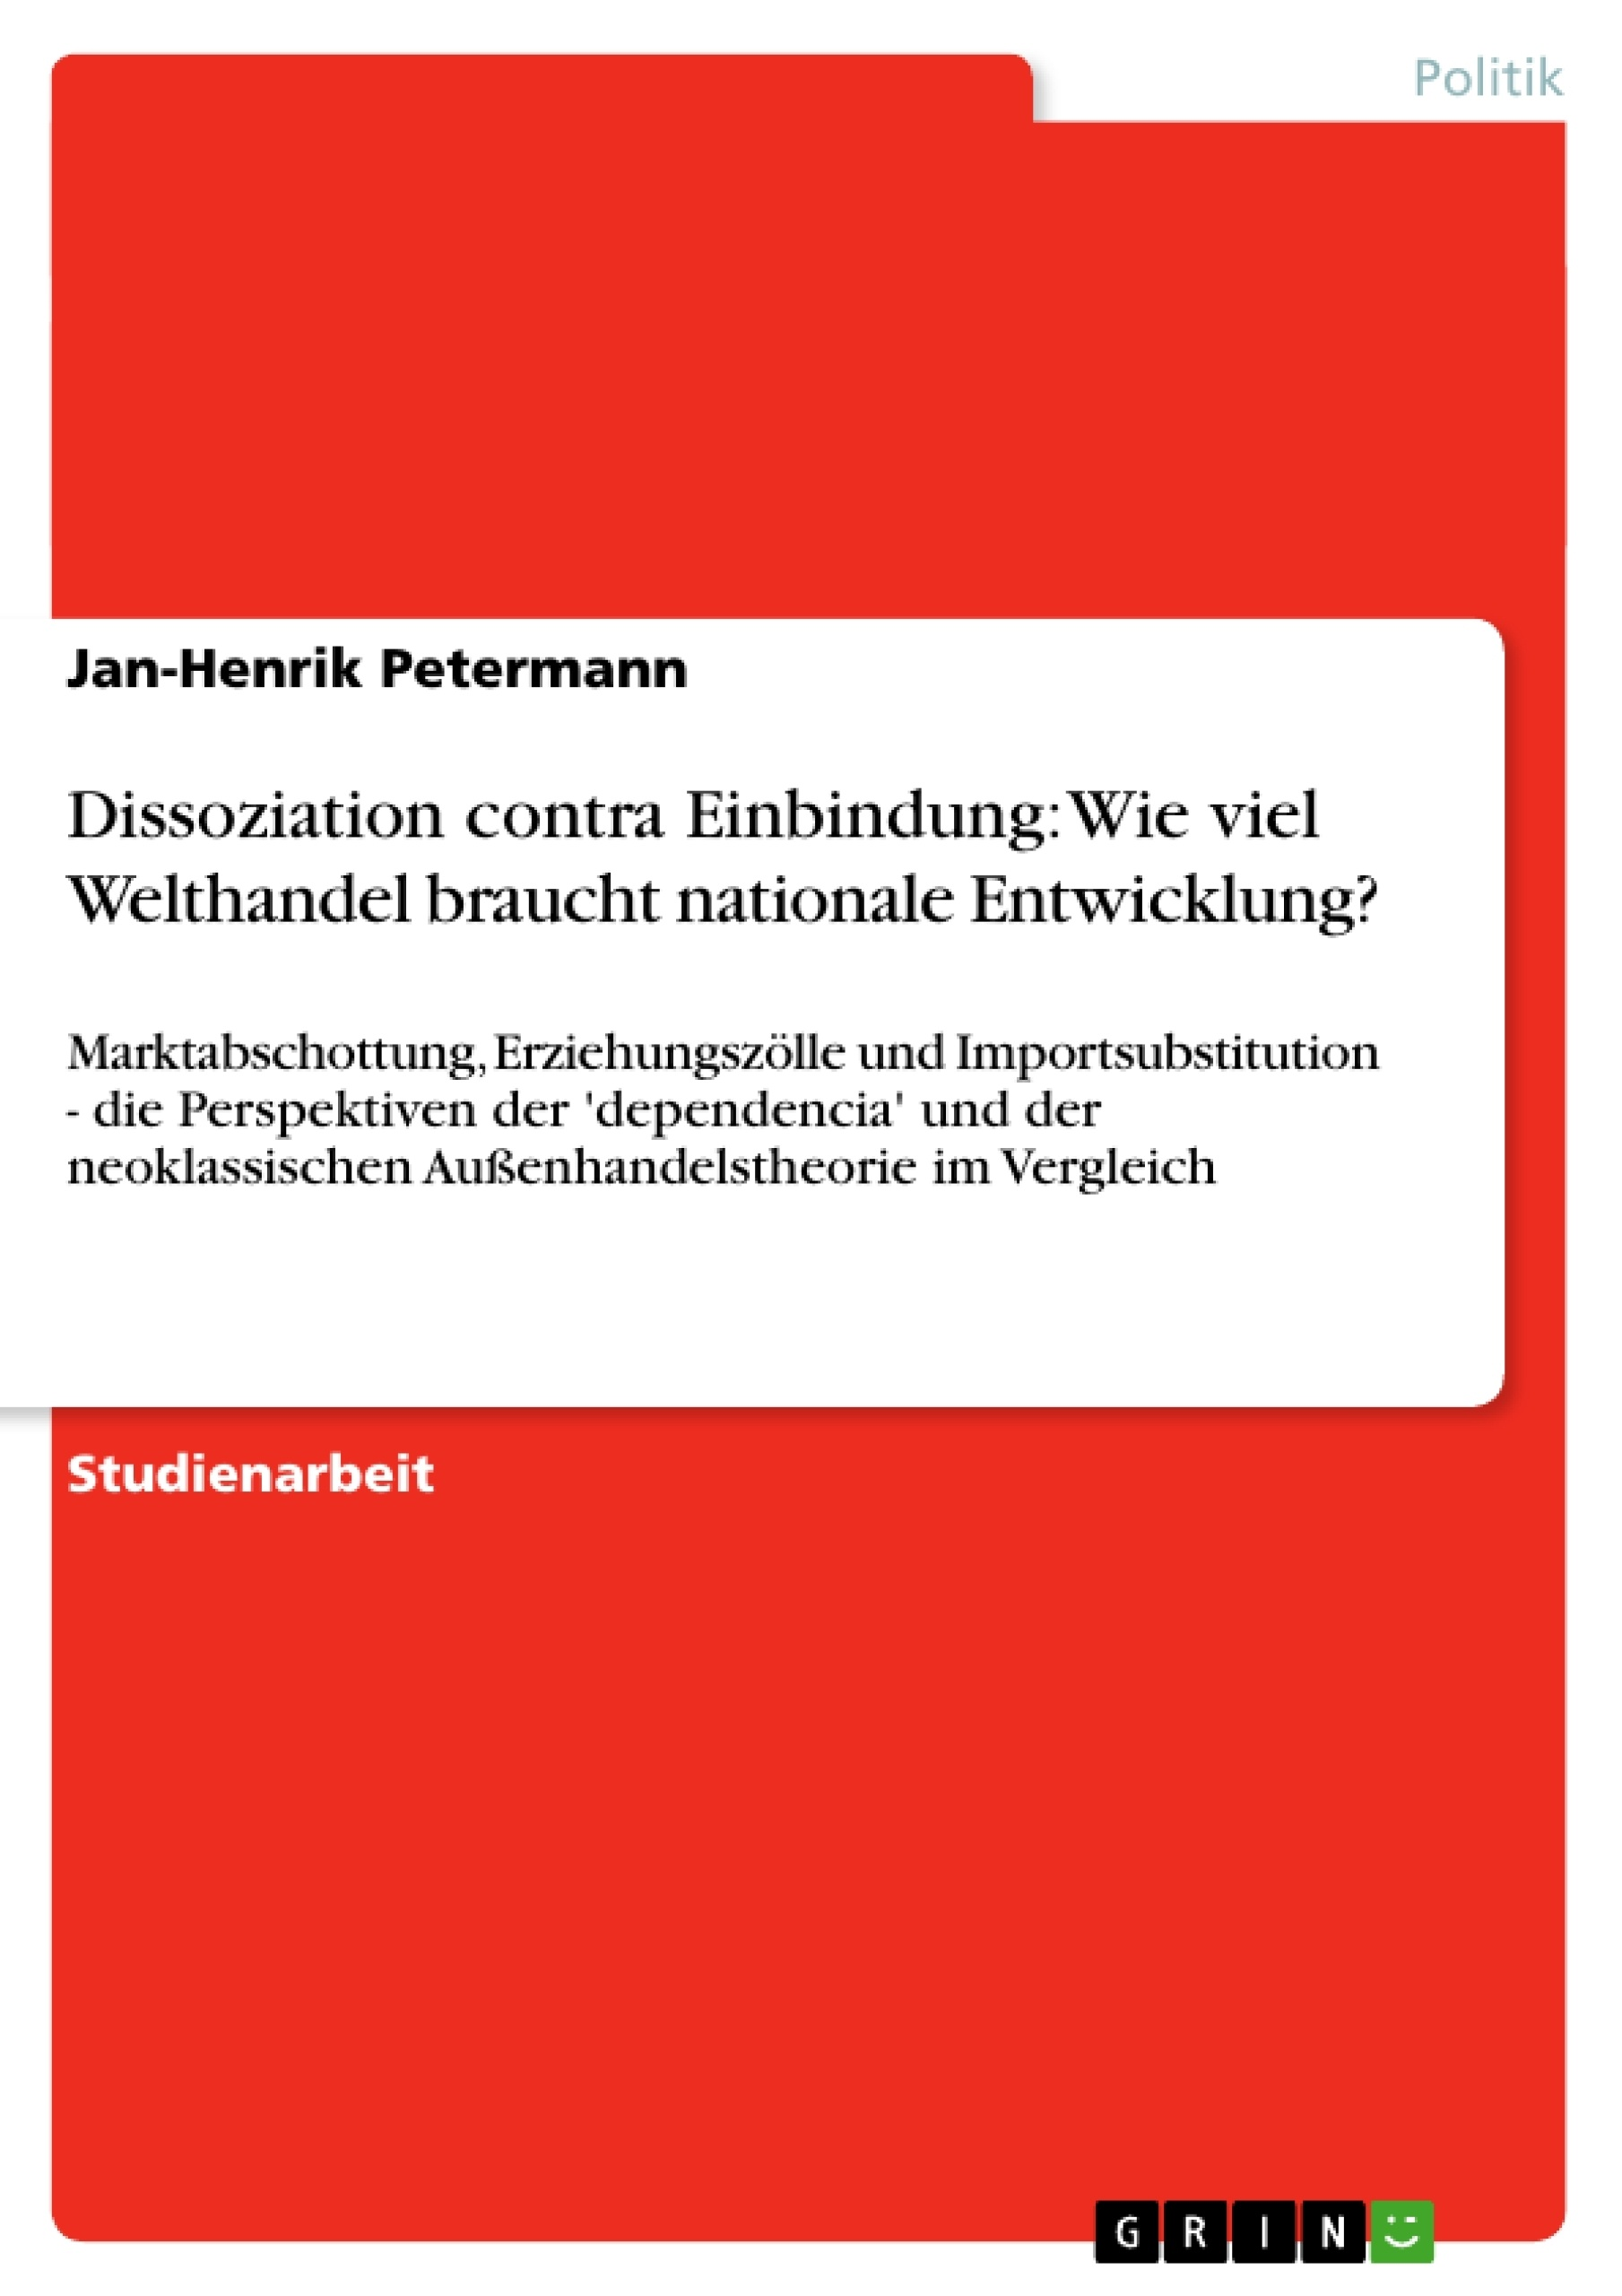 Titel: Dissoziation contra Einbindung: Wie viel Welthandel braucht nationale Entwicklung?